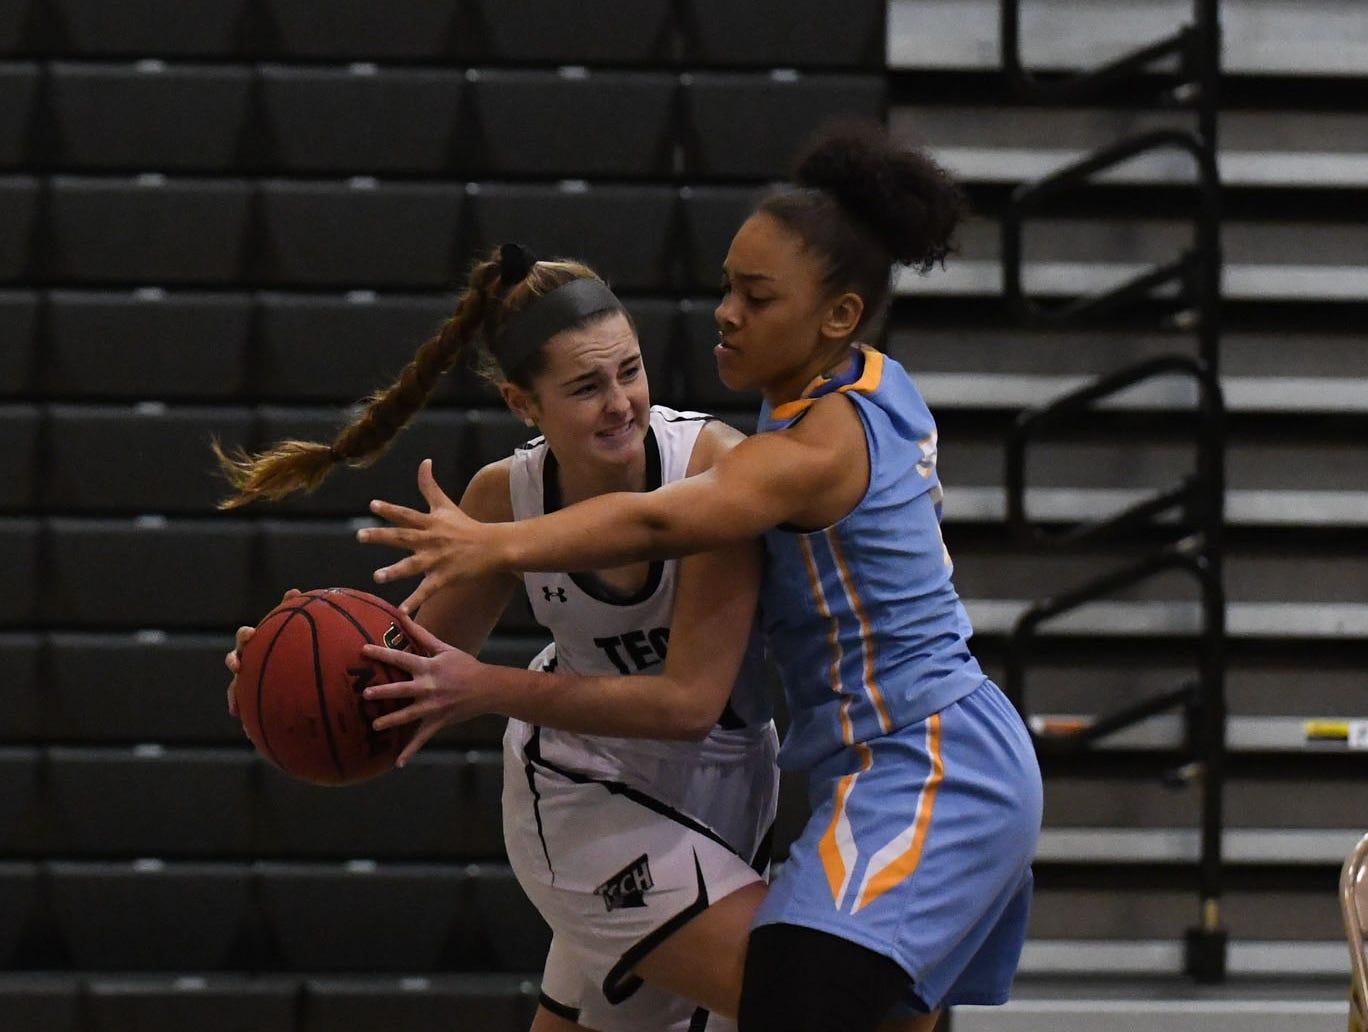 Sussex Tech's Nicolette Phillips against a tough Cape Henlopen defense on Wednesday, Jan. 2, 2019.